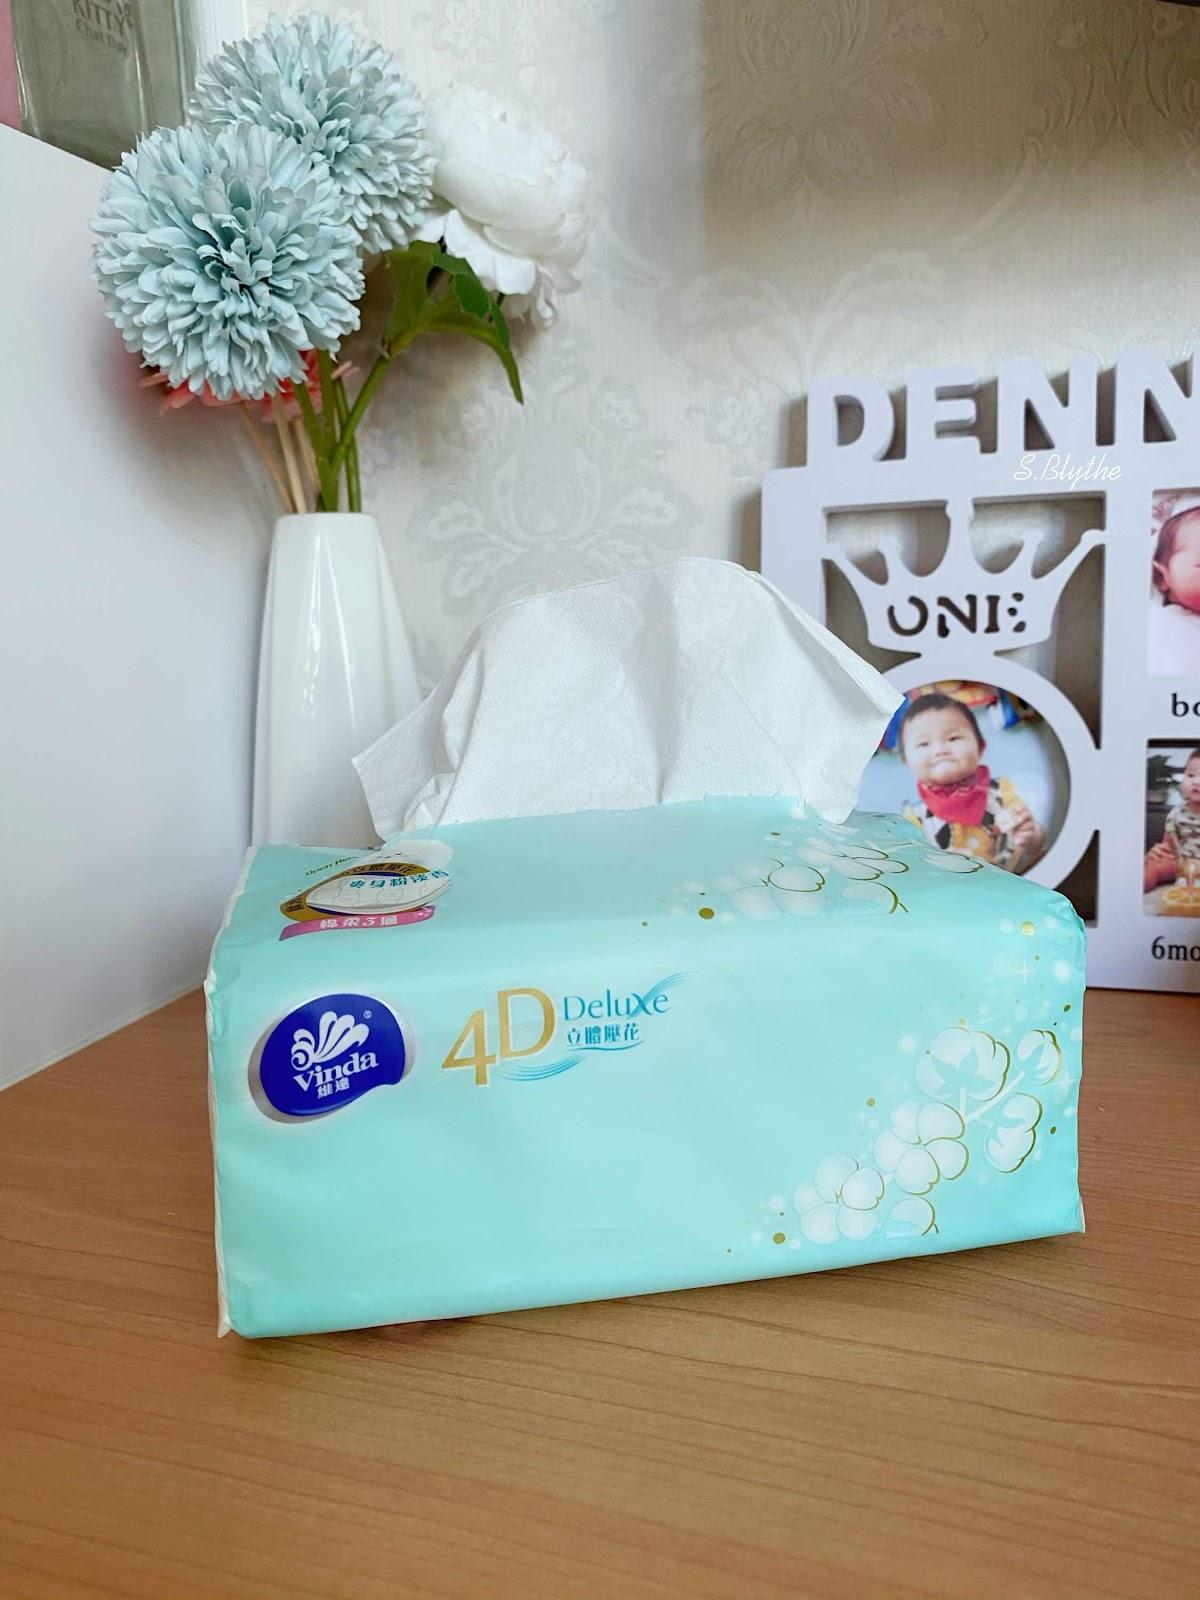 維達4D Deluxe 爽身粉淡香立體壓花袋裝面紙